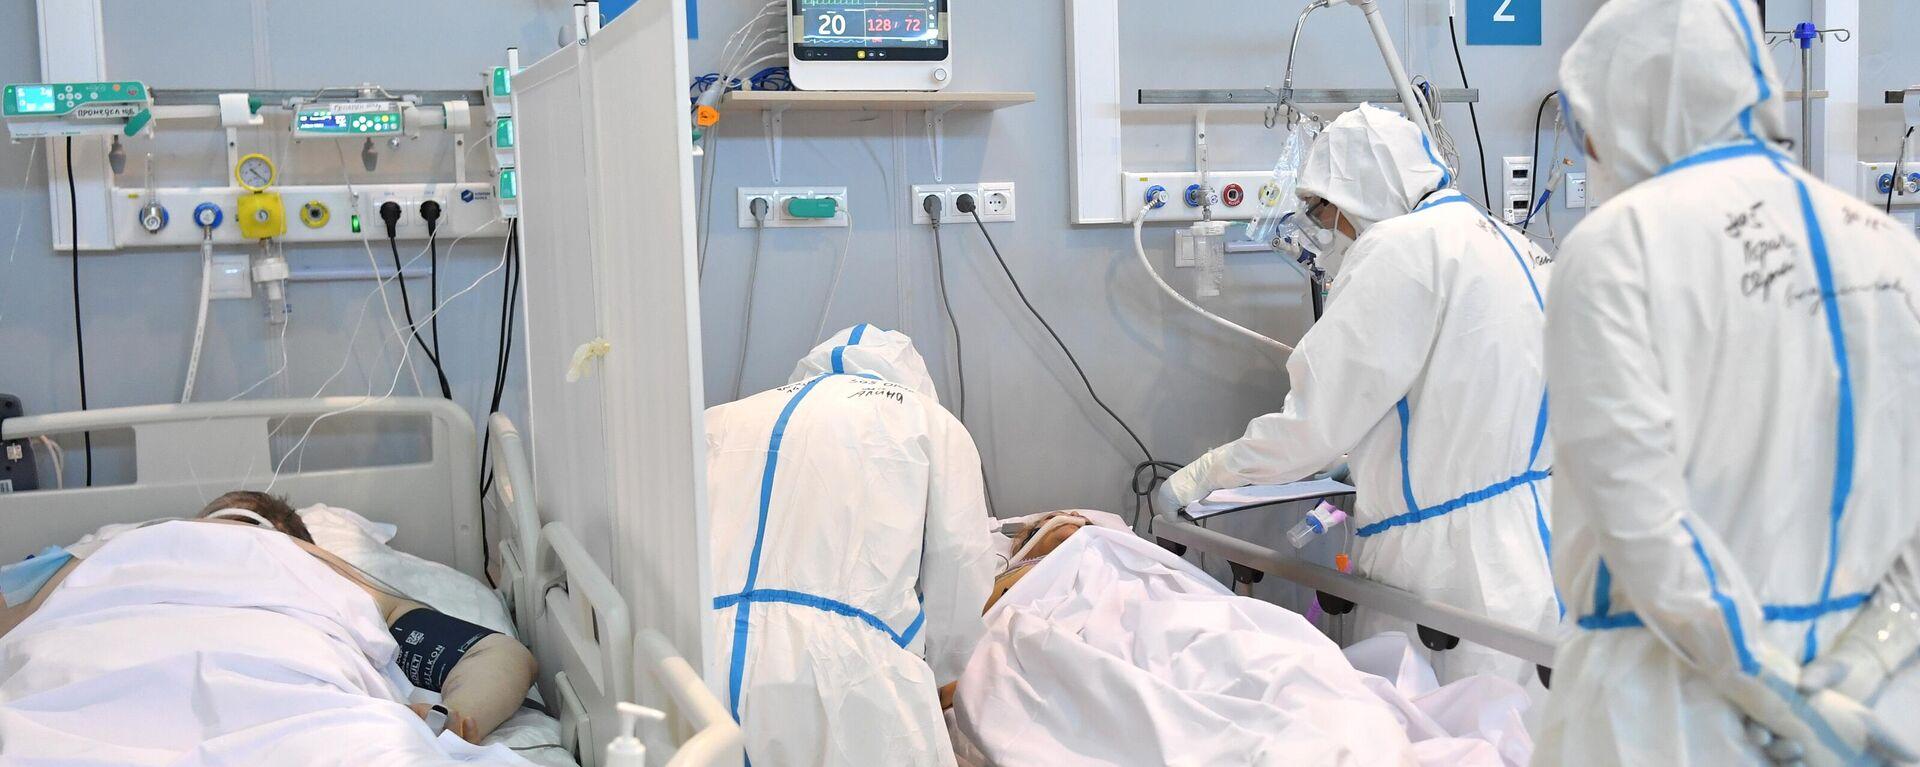 Медицинские работники в палате реанимации и интенсивной терапии госпиталя для больных COVID-19 - Sputnik Латвия, 1920, 12.08.2021